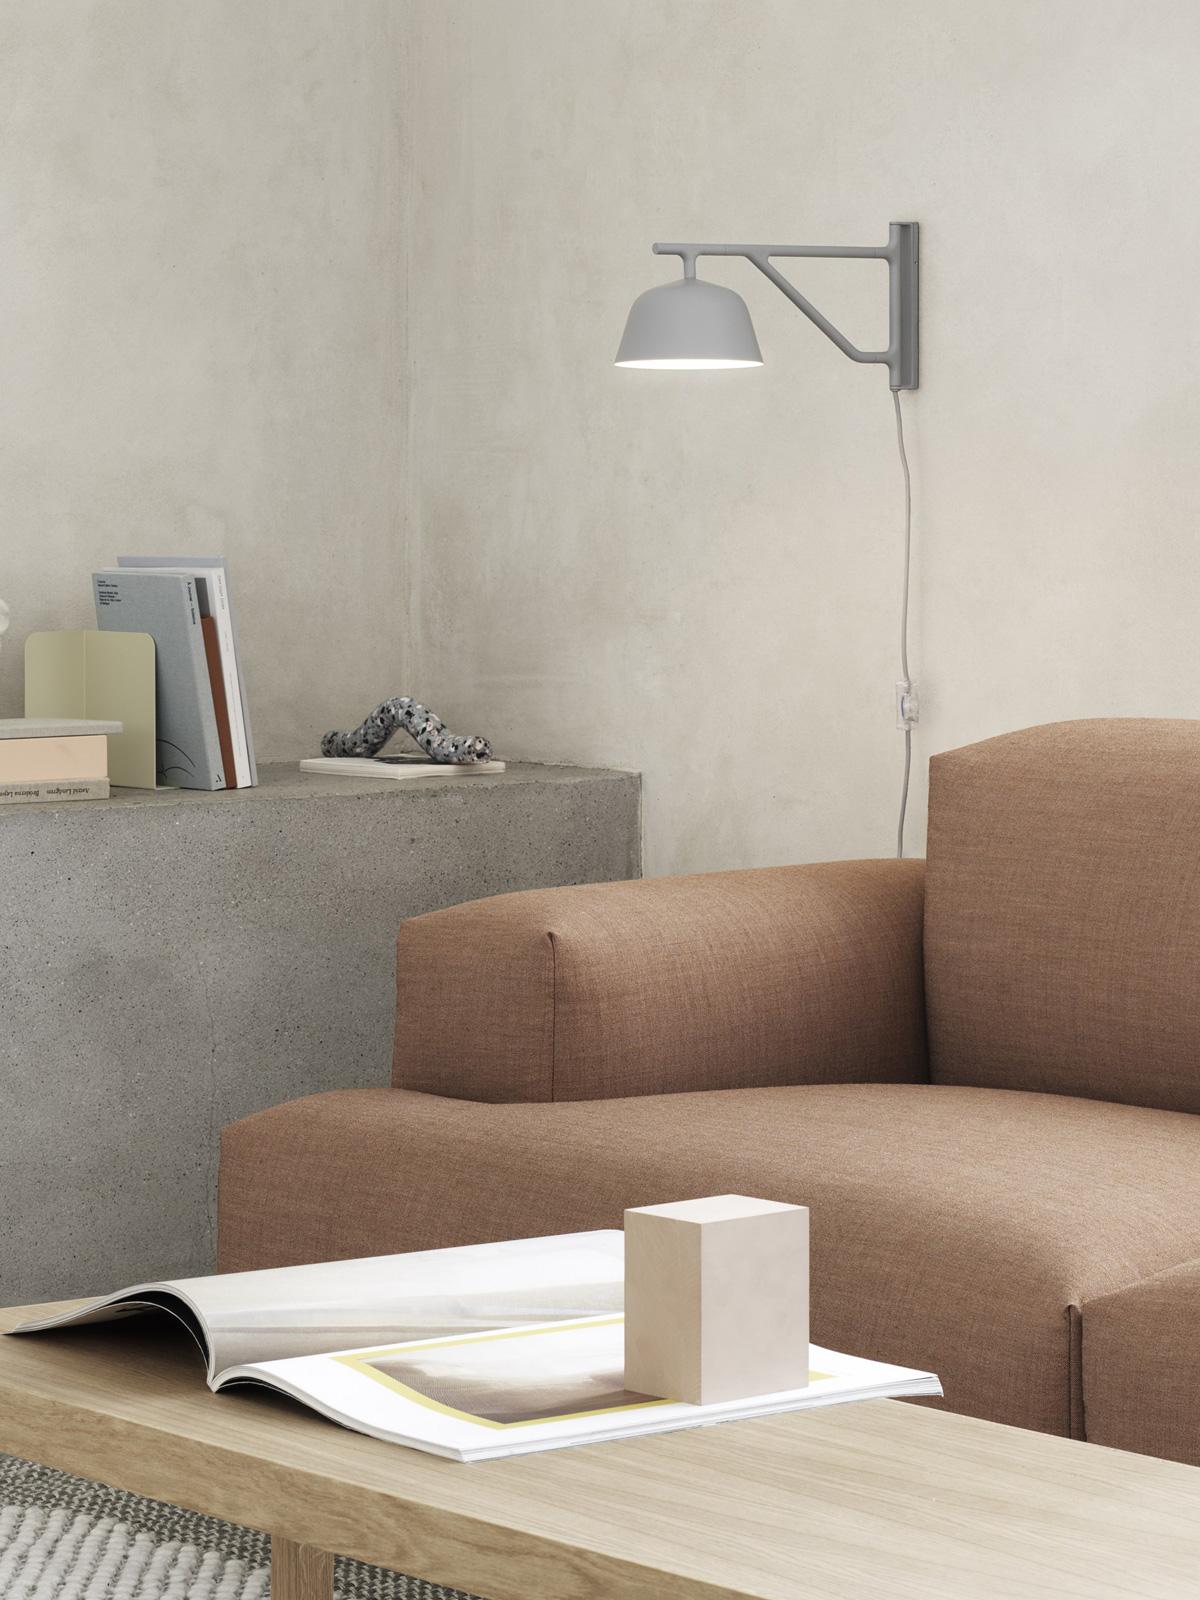 DesignOrt BLog: Designer im Portrait Ambit Wall Wandleuchte muuto Designort